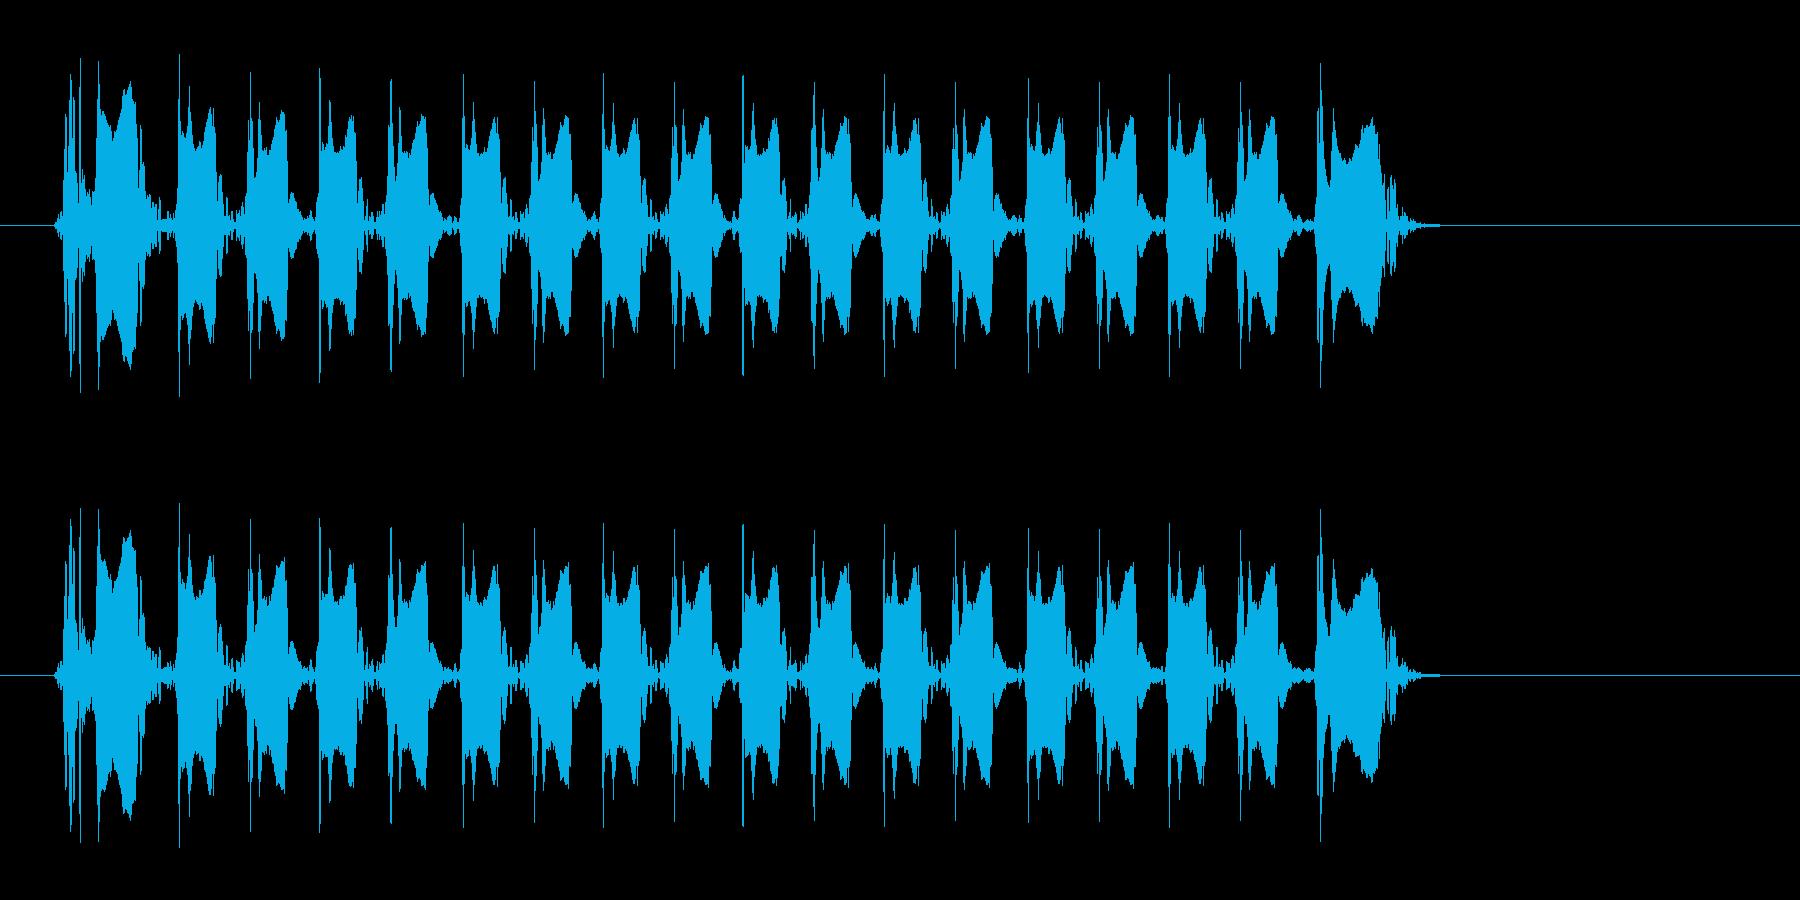 レーザー音-151-3の再生済みの波形